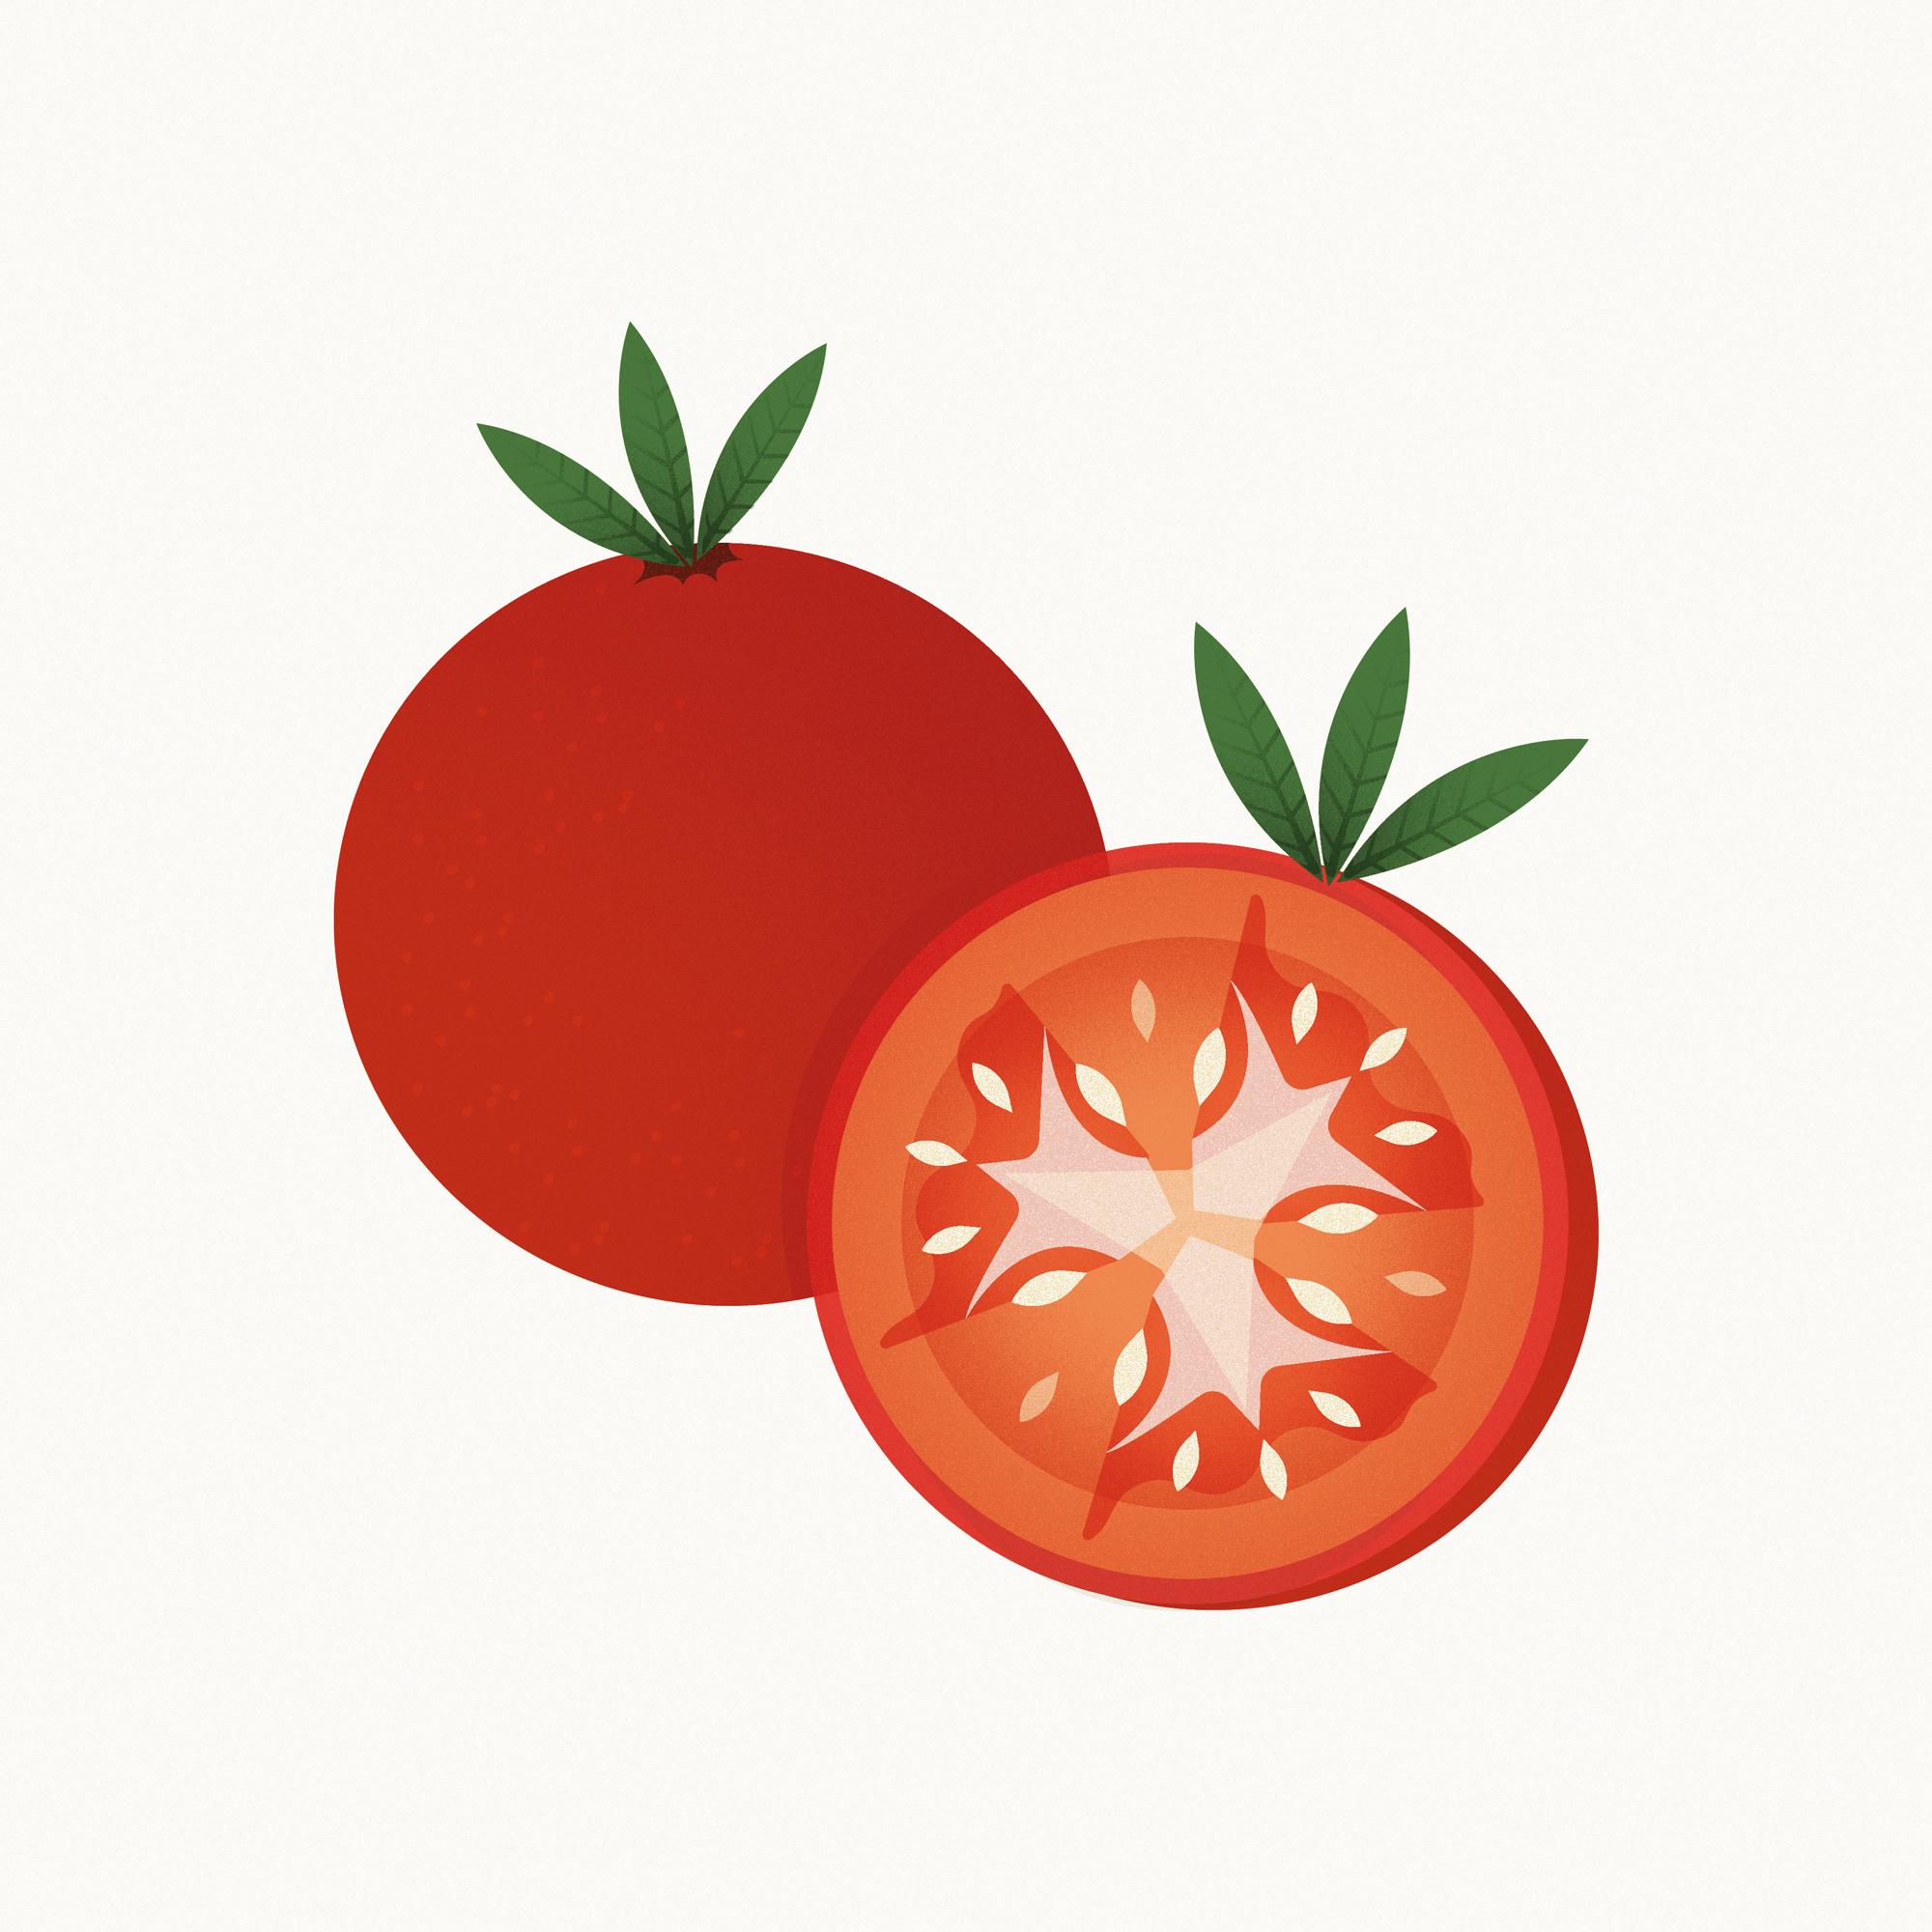 Fruit-&-Veg-03.jpg